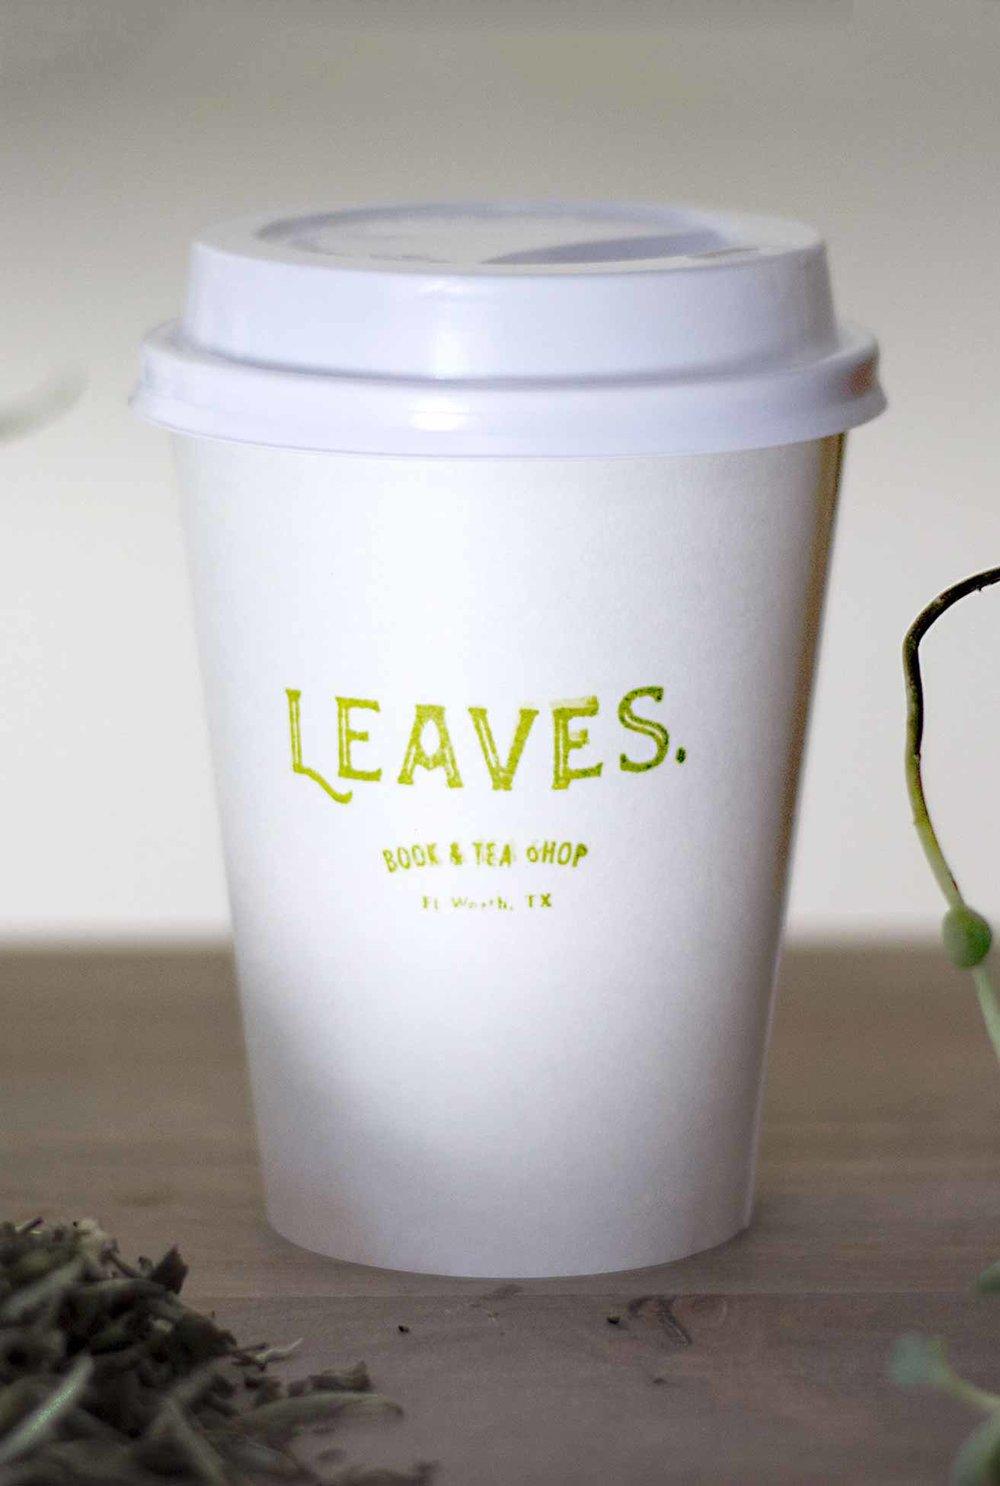 leaves-vert_cup.jpg